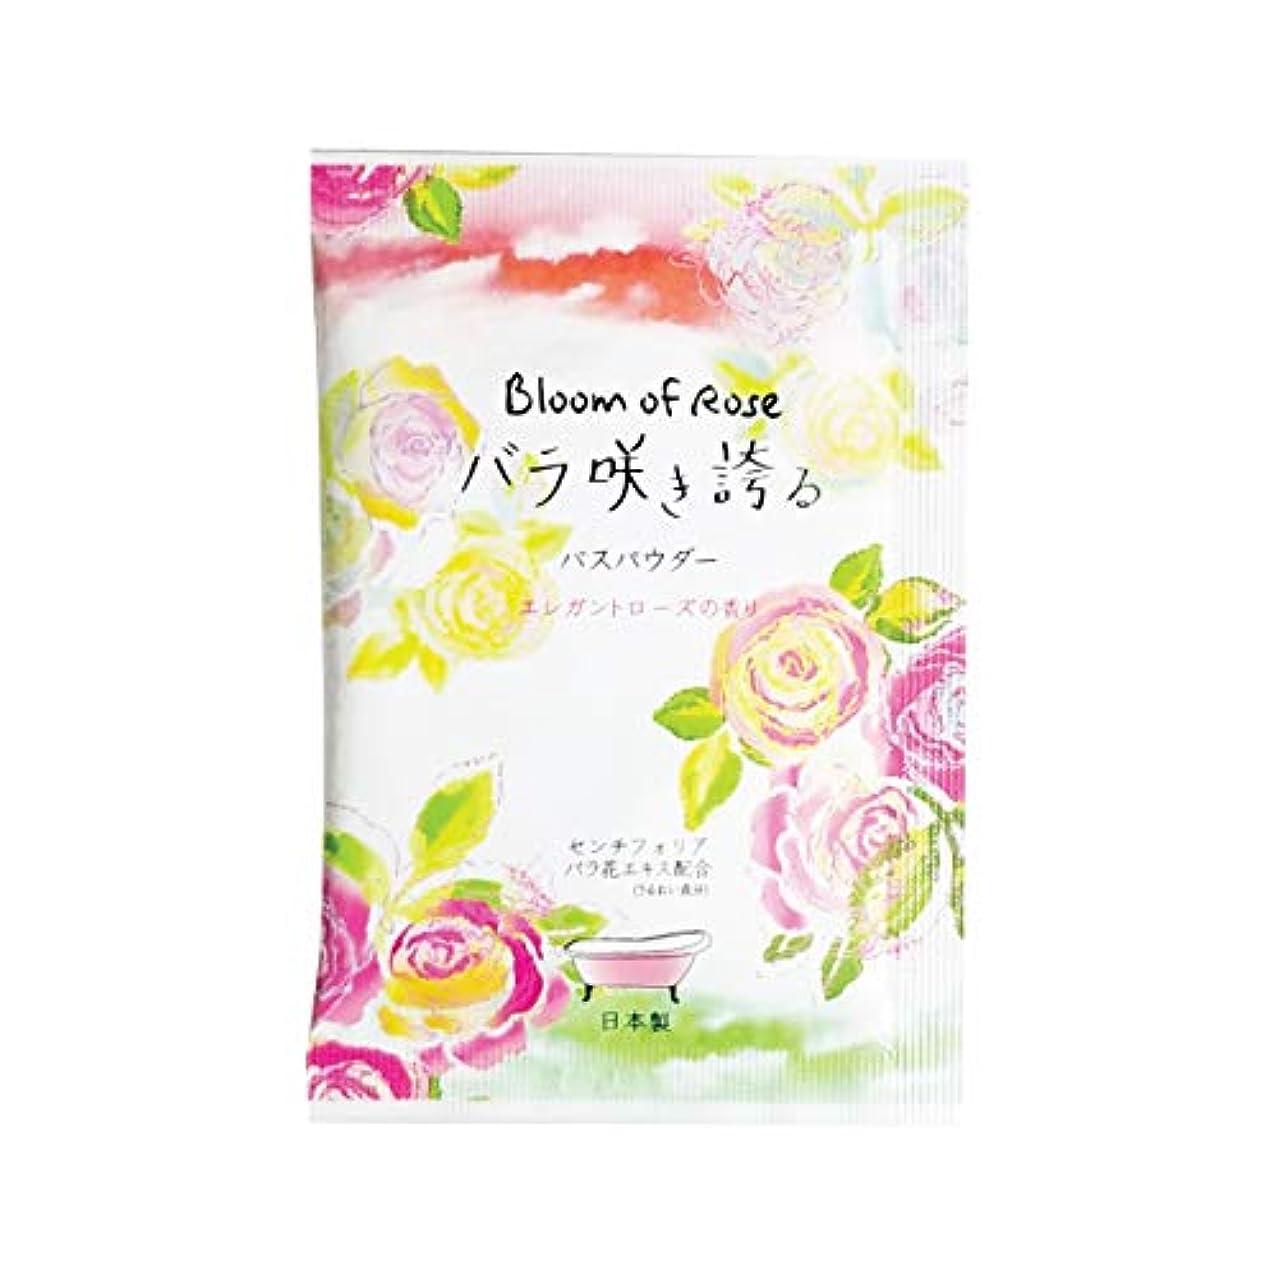 直径パキスタン人消毒剤Bloom of Rose バラ咲き誇る入浴剤 200個